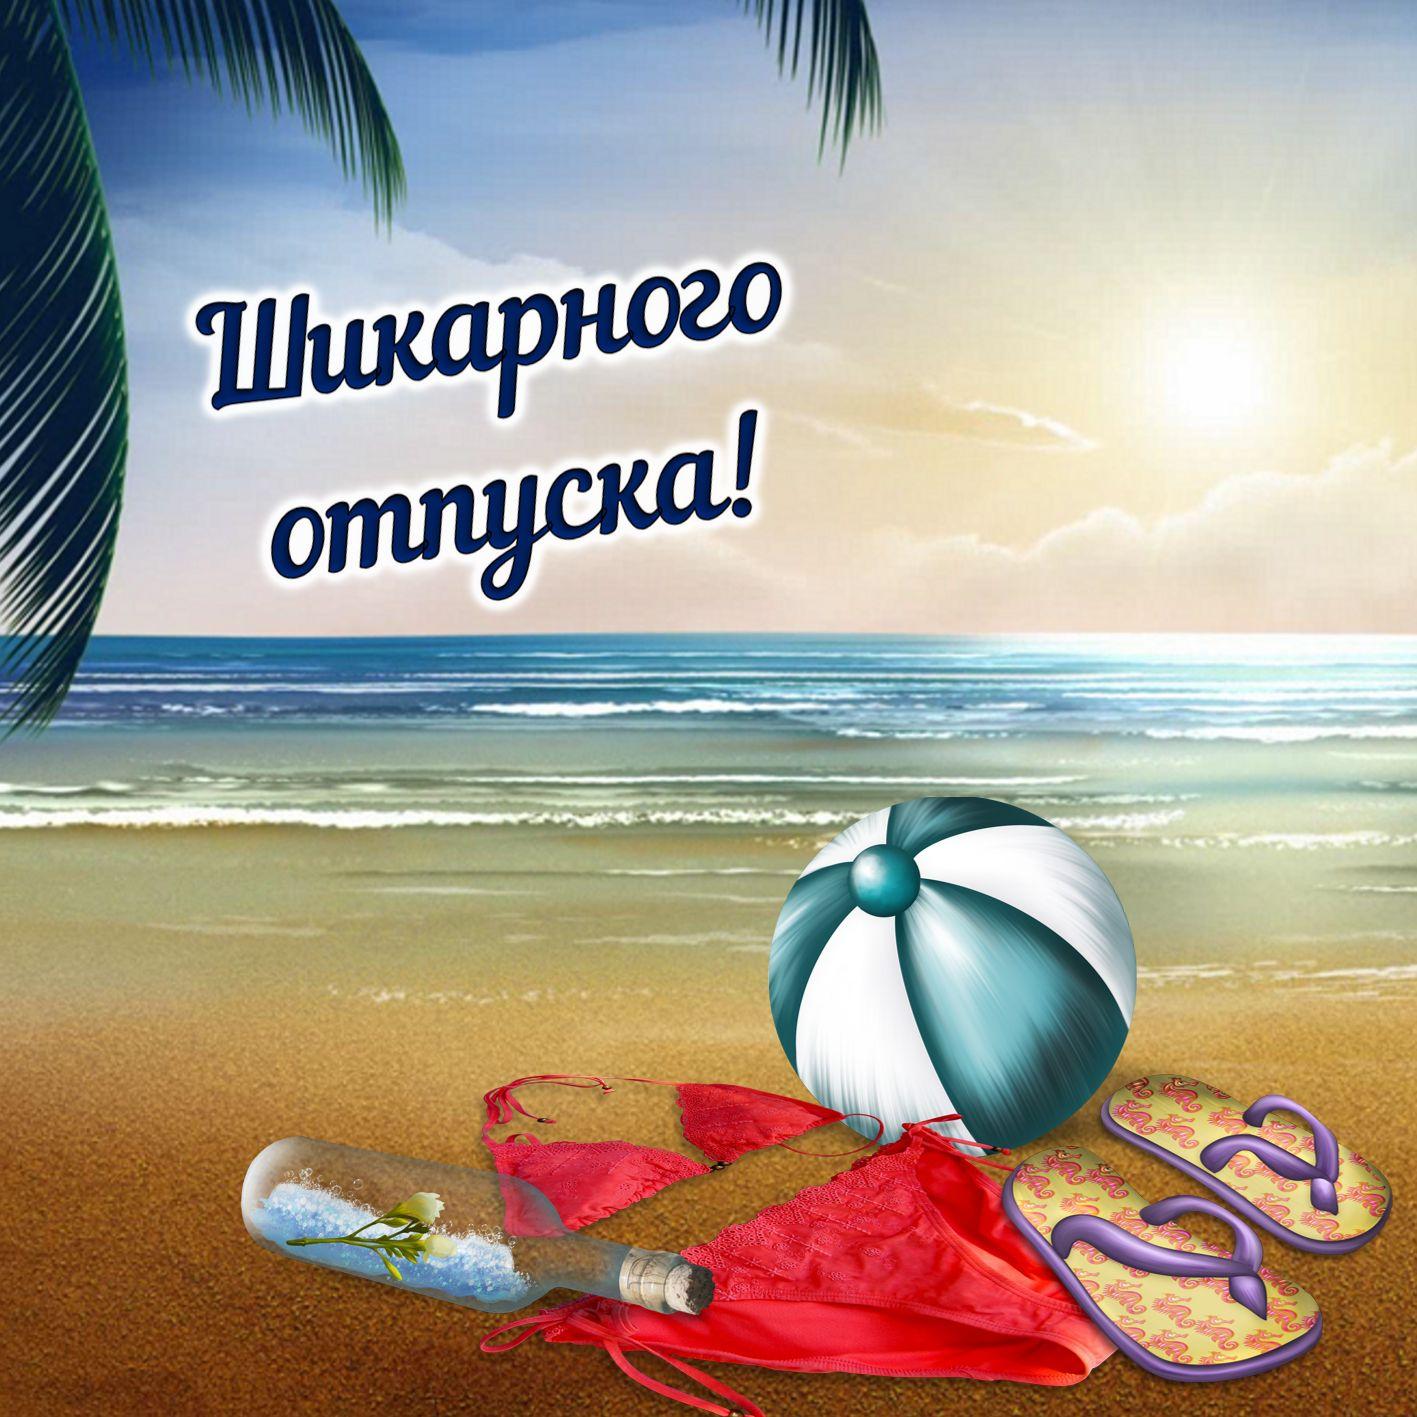 Картинки с надписями хорошего отпуска, днем рождения